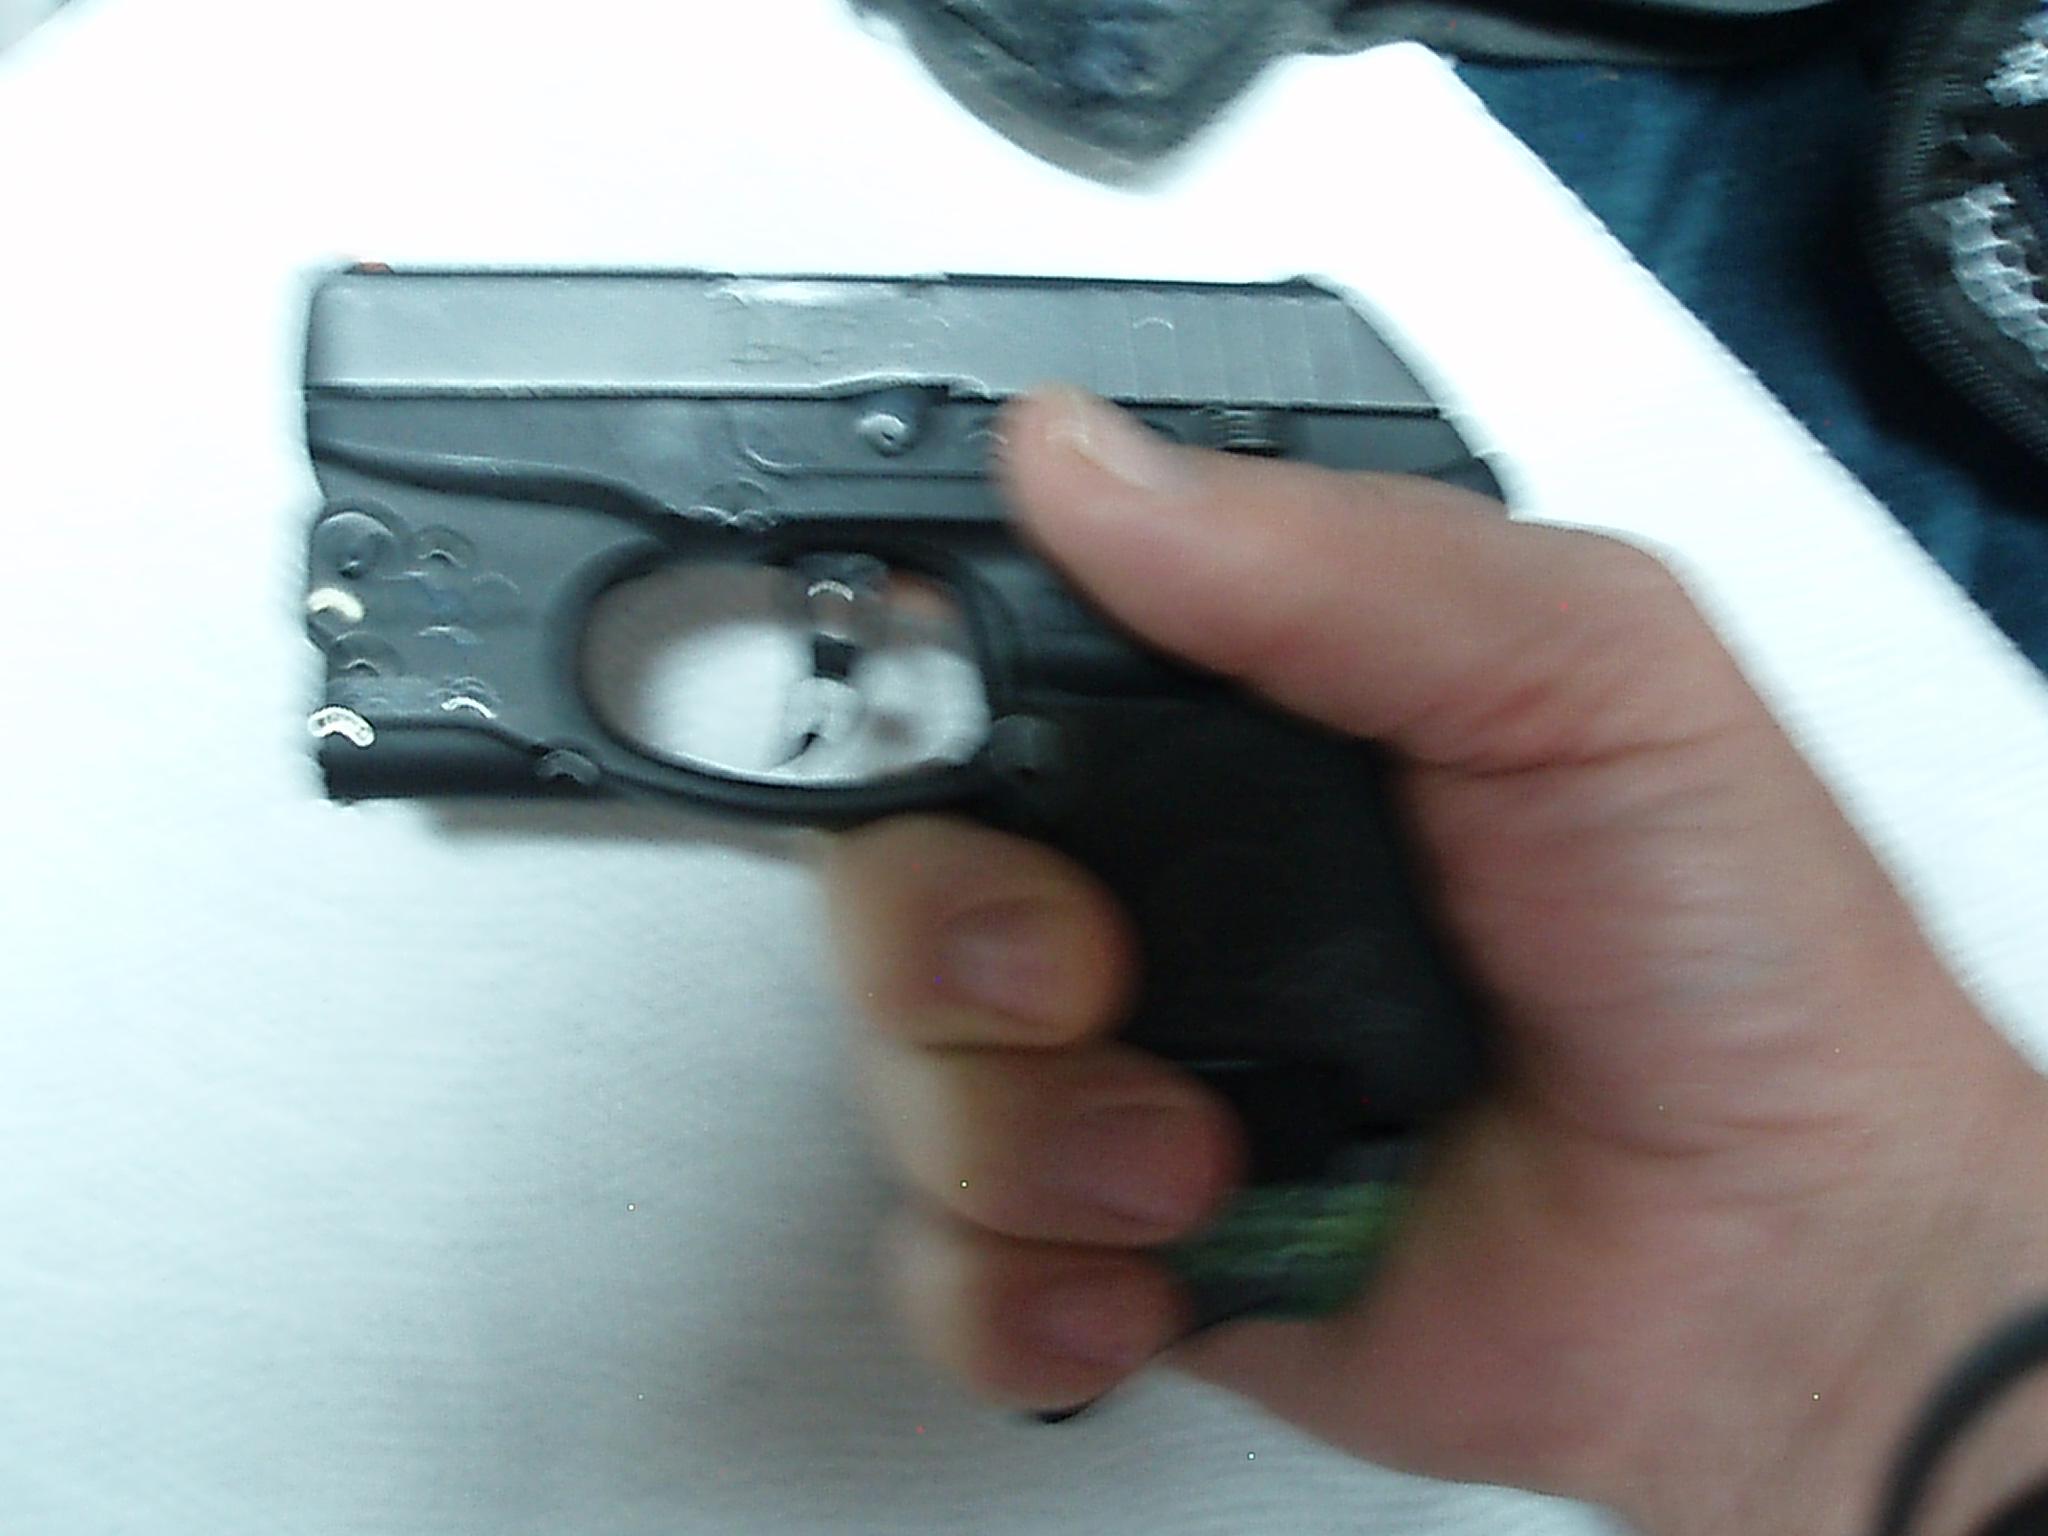 My gun and holster-p1010075.jpg